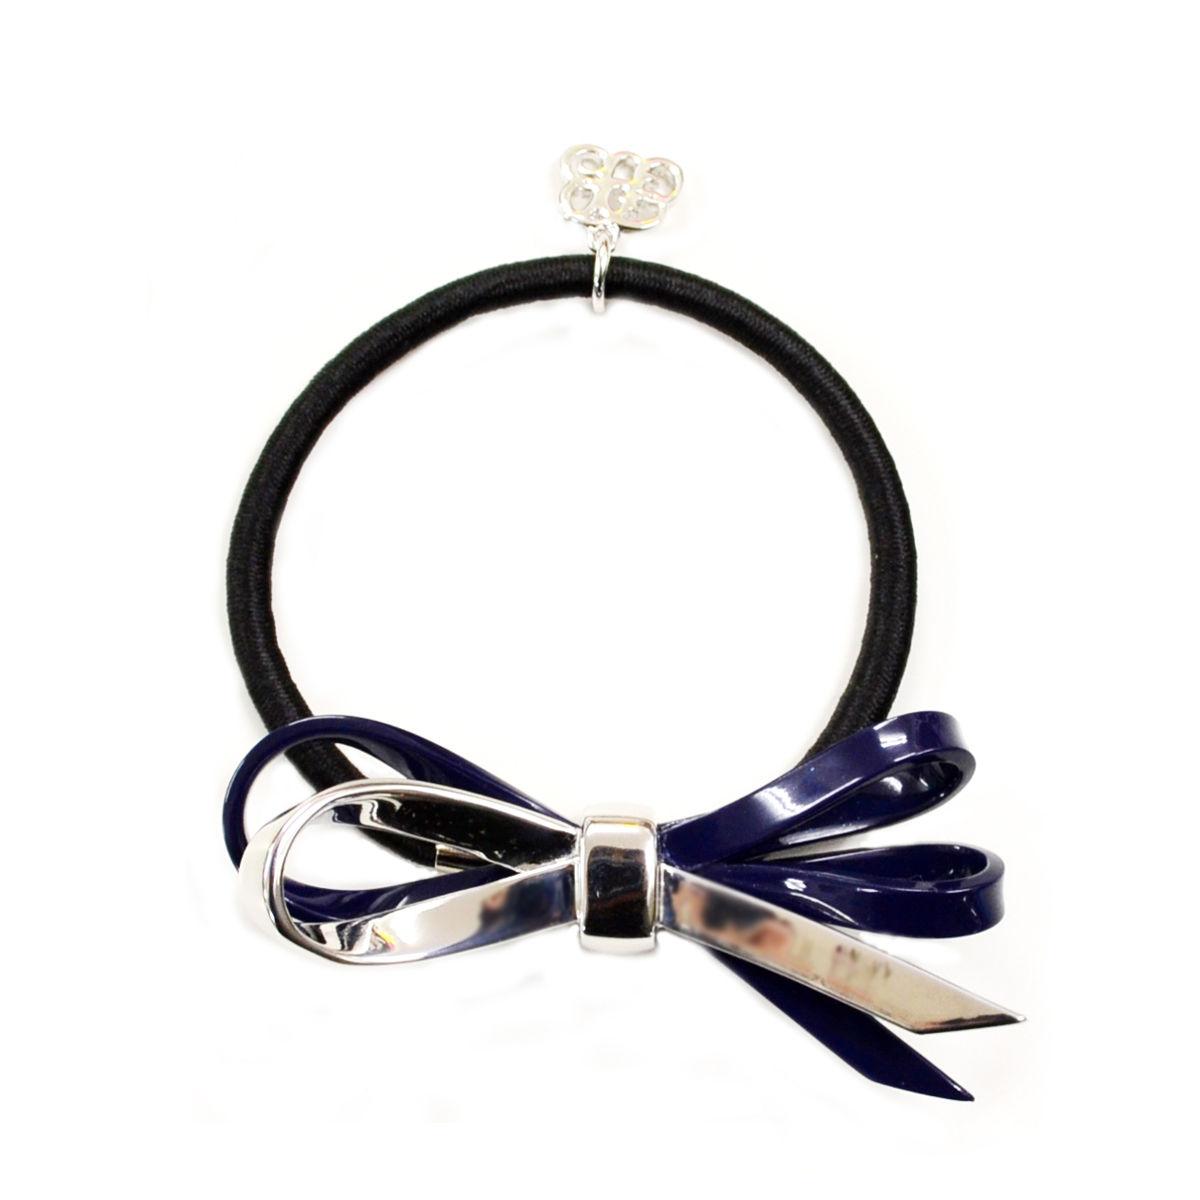 bella hair elastic navy